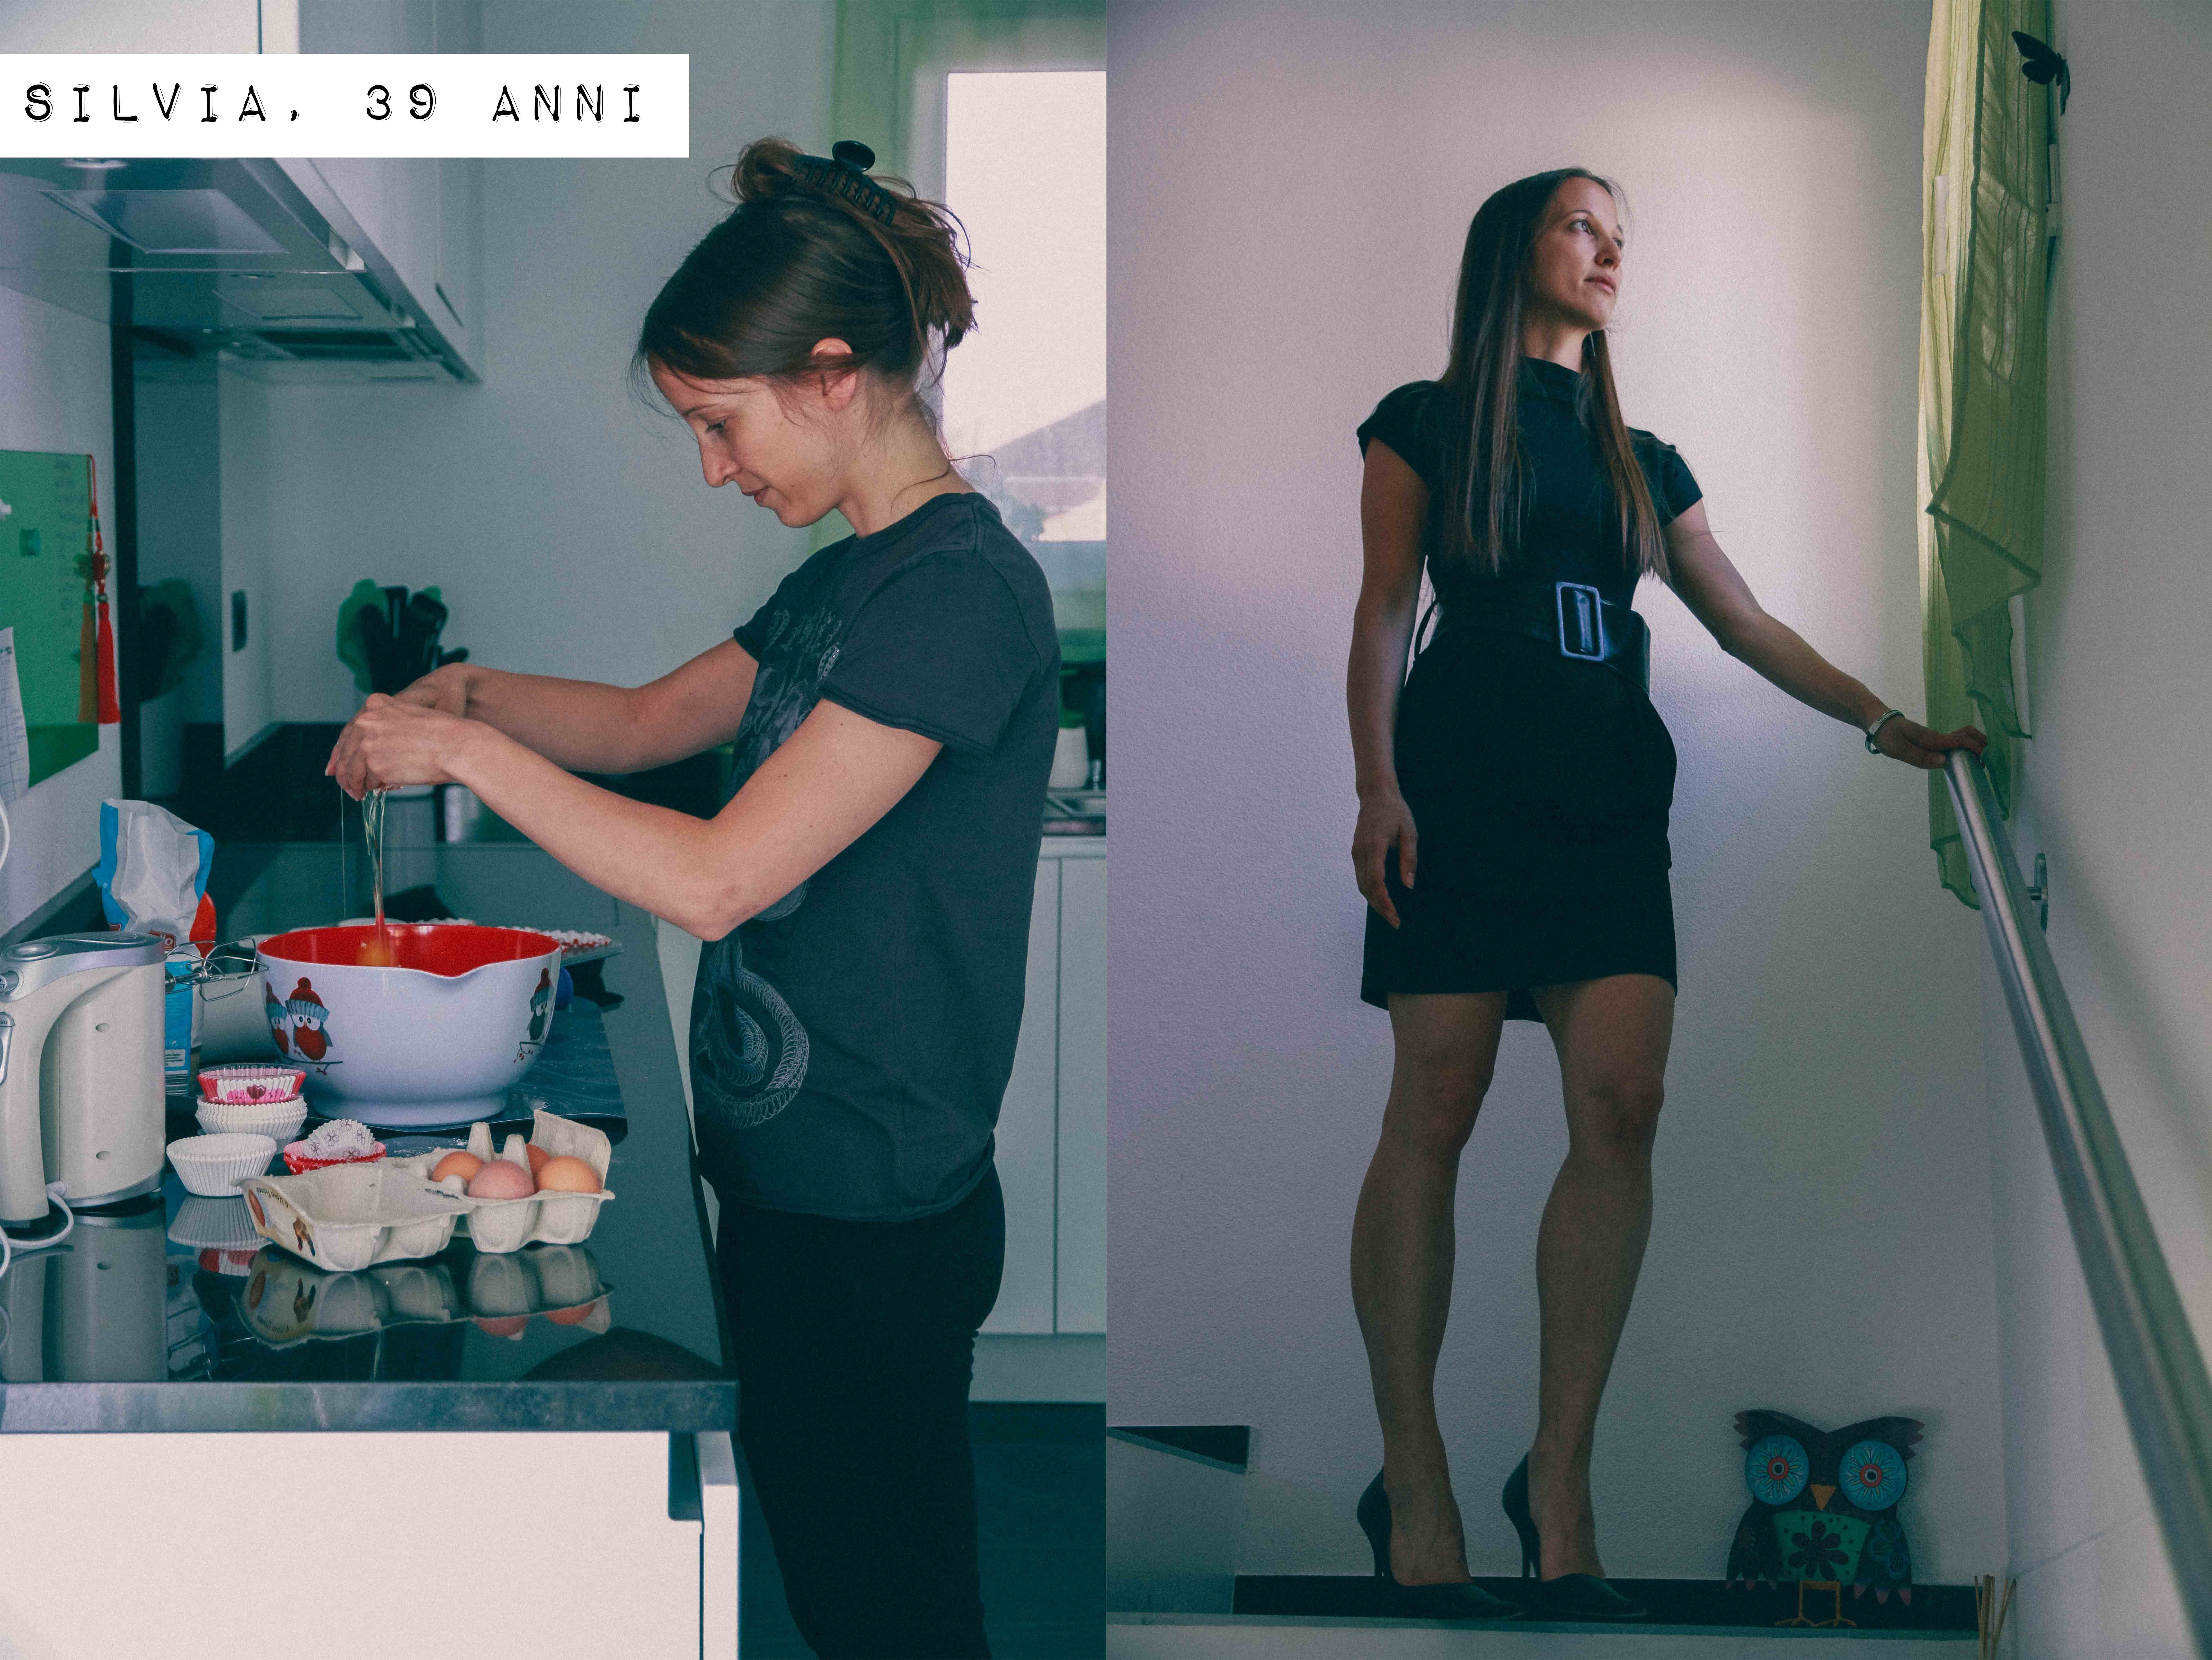 Silvia, 39 anni